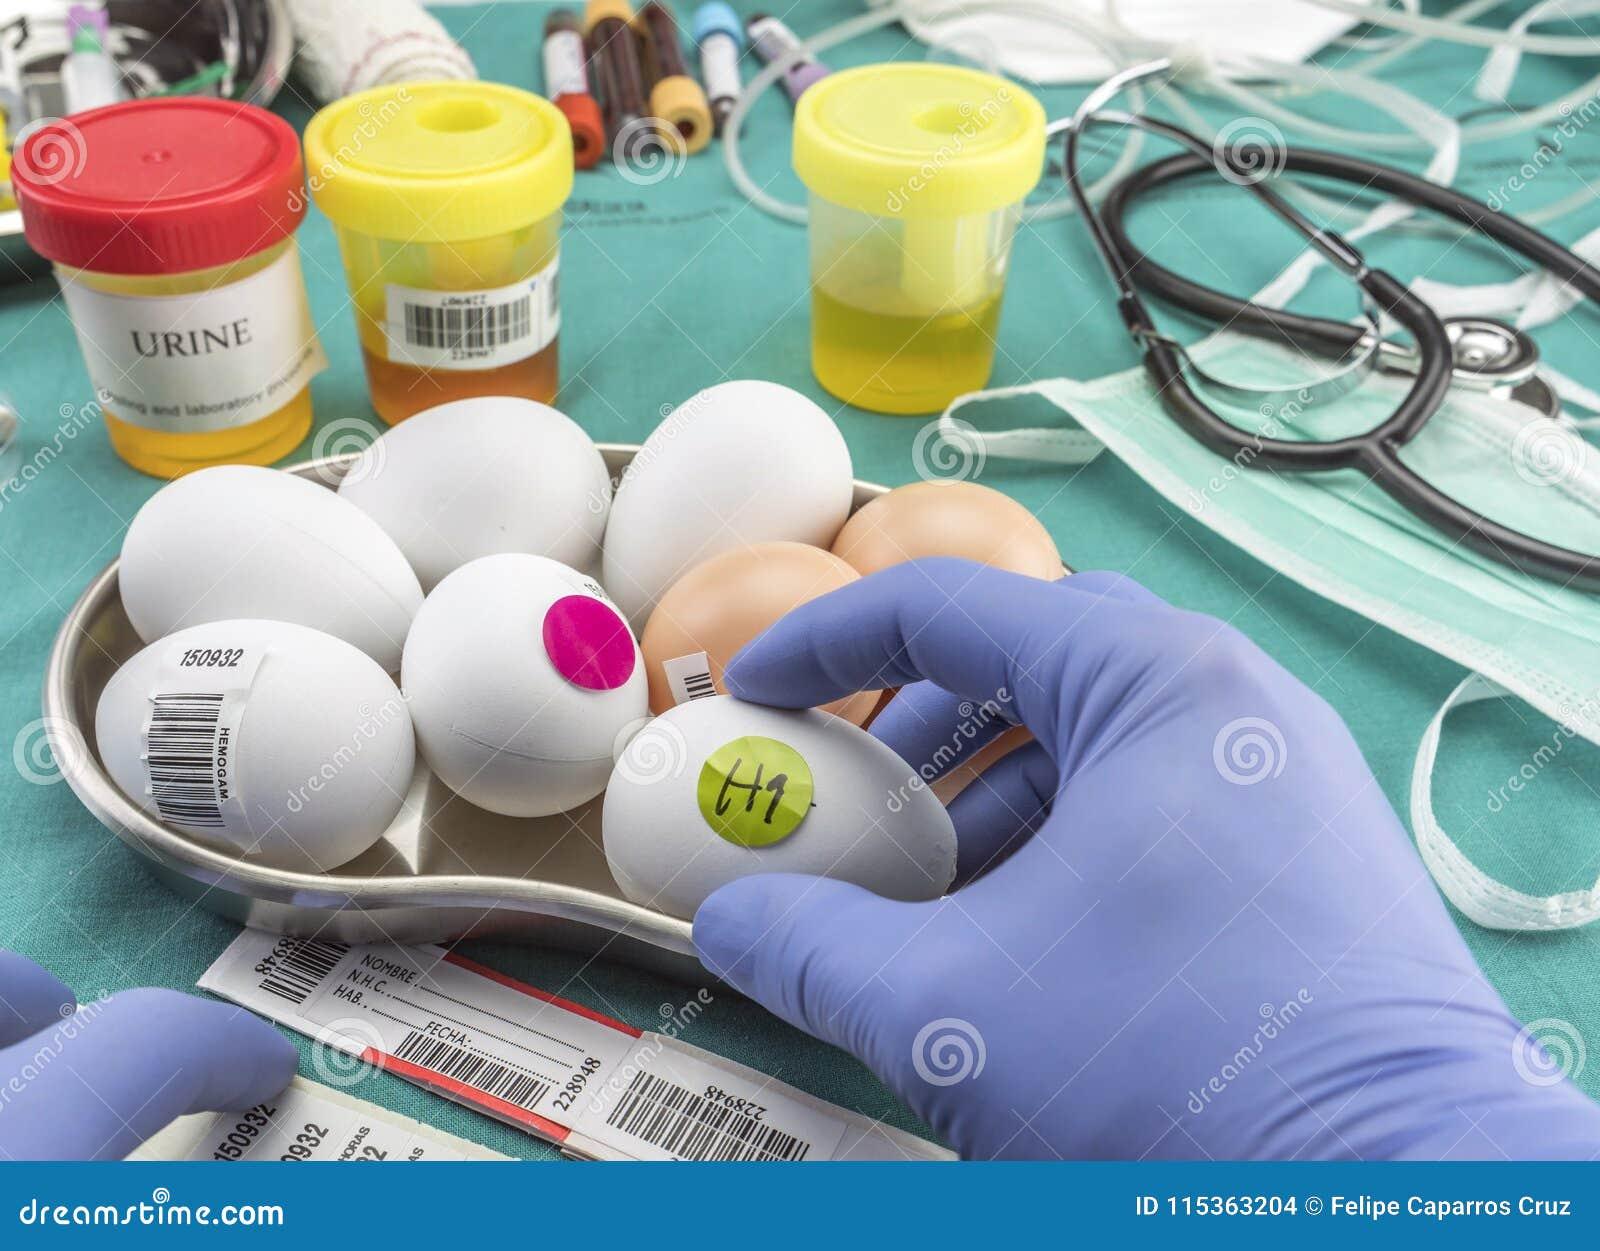 Επιστημονικό εμπορικό σήμα με τα αυγά ετικετών για να εξετάσει σε κακή κατάσταση μέσα